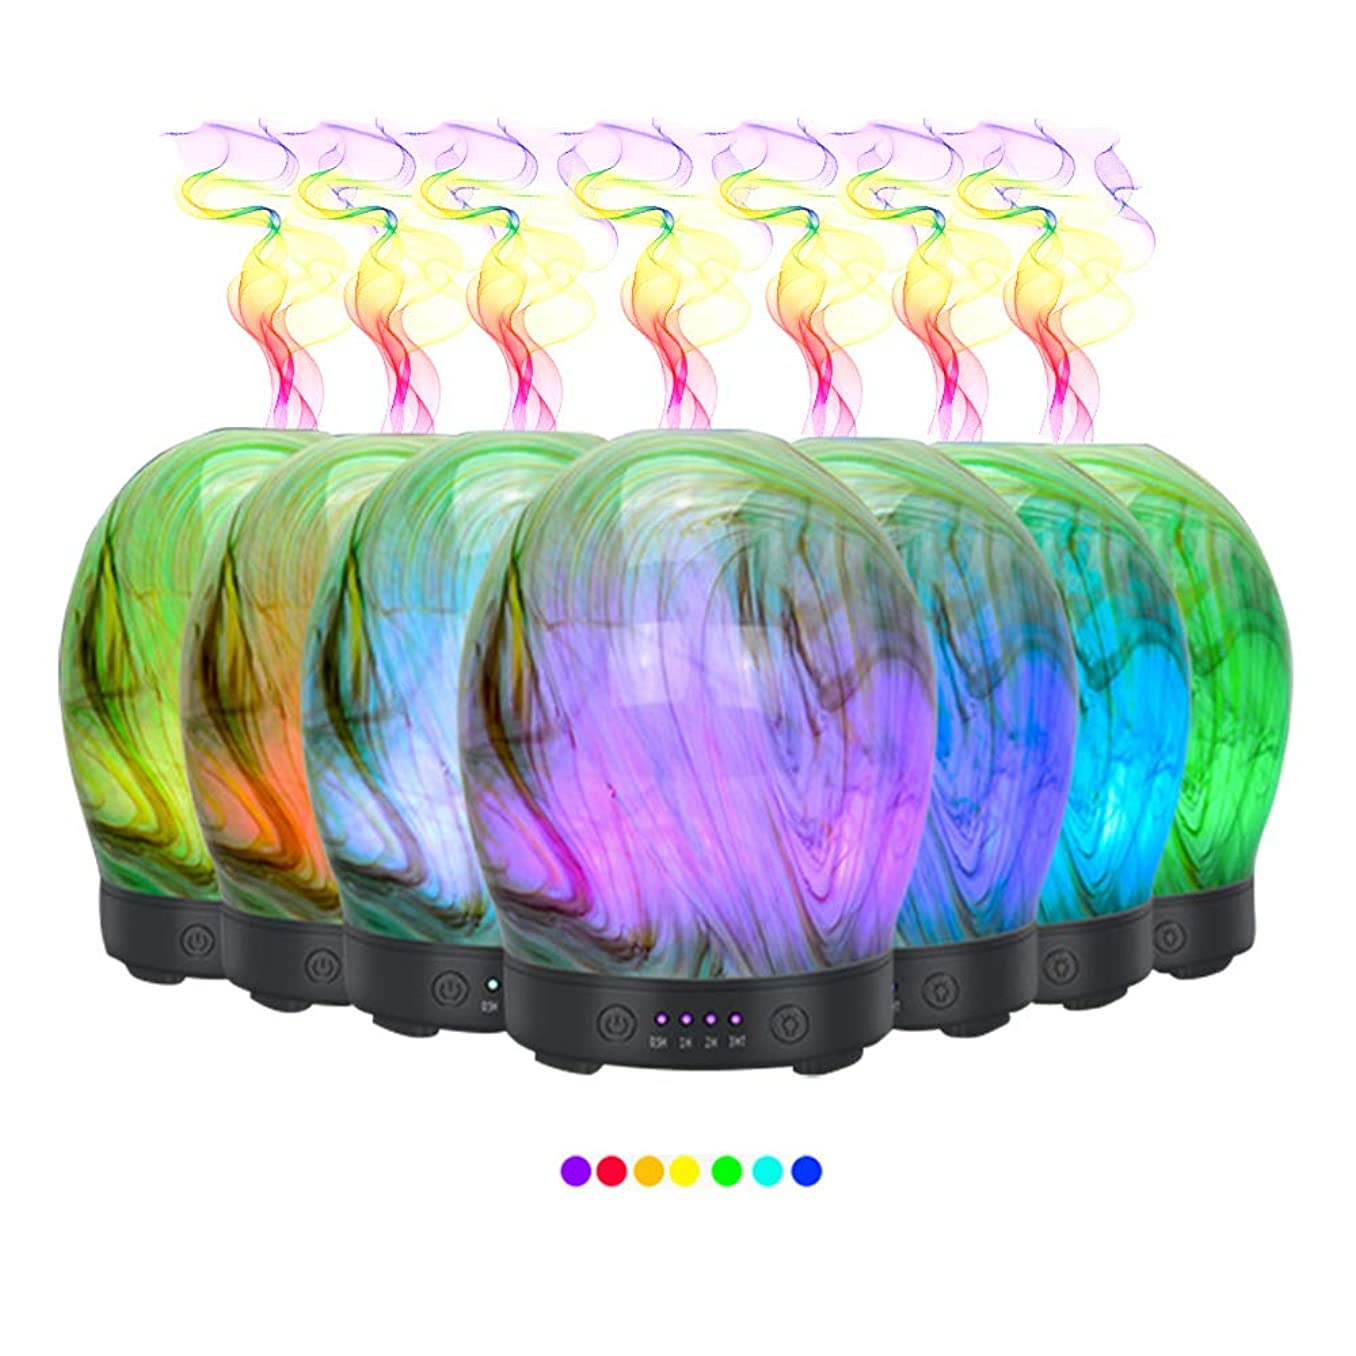 助けて掘る確かなエッセンシャルオイル用ディフューザー (100ml)-3d アートガラスツイストツリーアロマ加湿器7色の変更 LED ライト & 4 タイマー設定、水なしオートシャットオフ